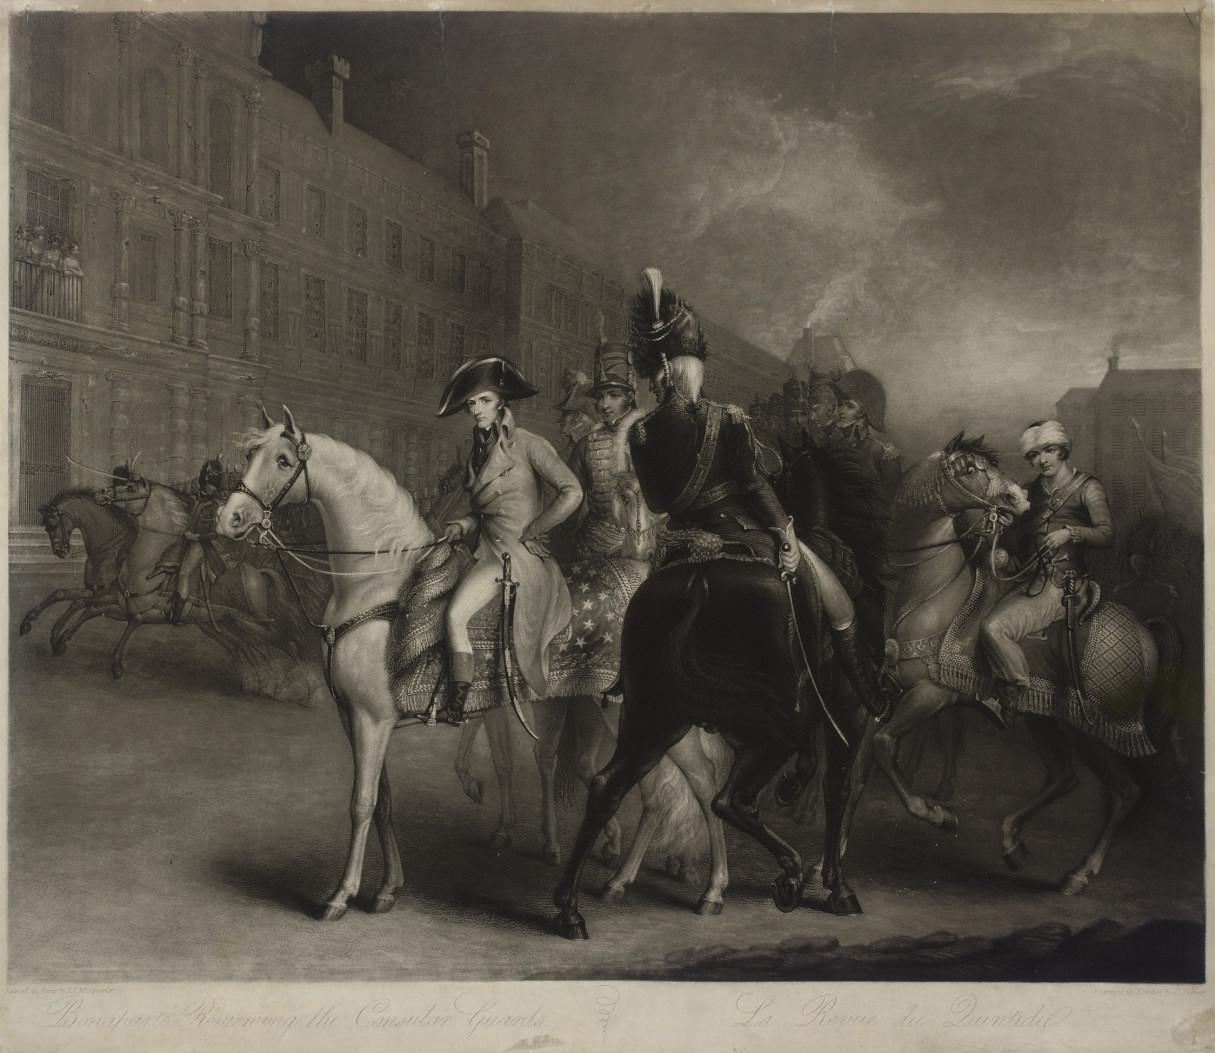 Charles Turner (1773-1857), after John James Masquerier